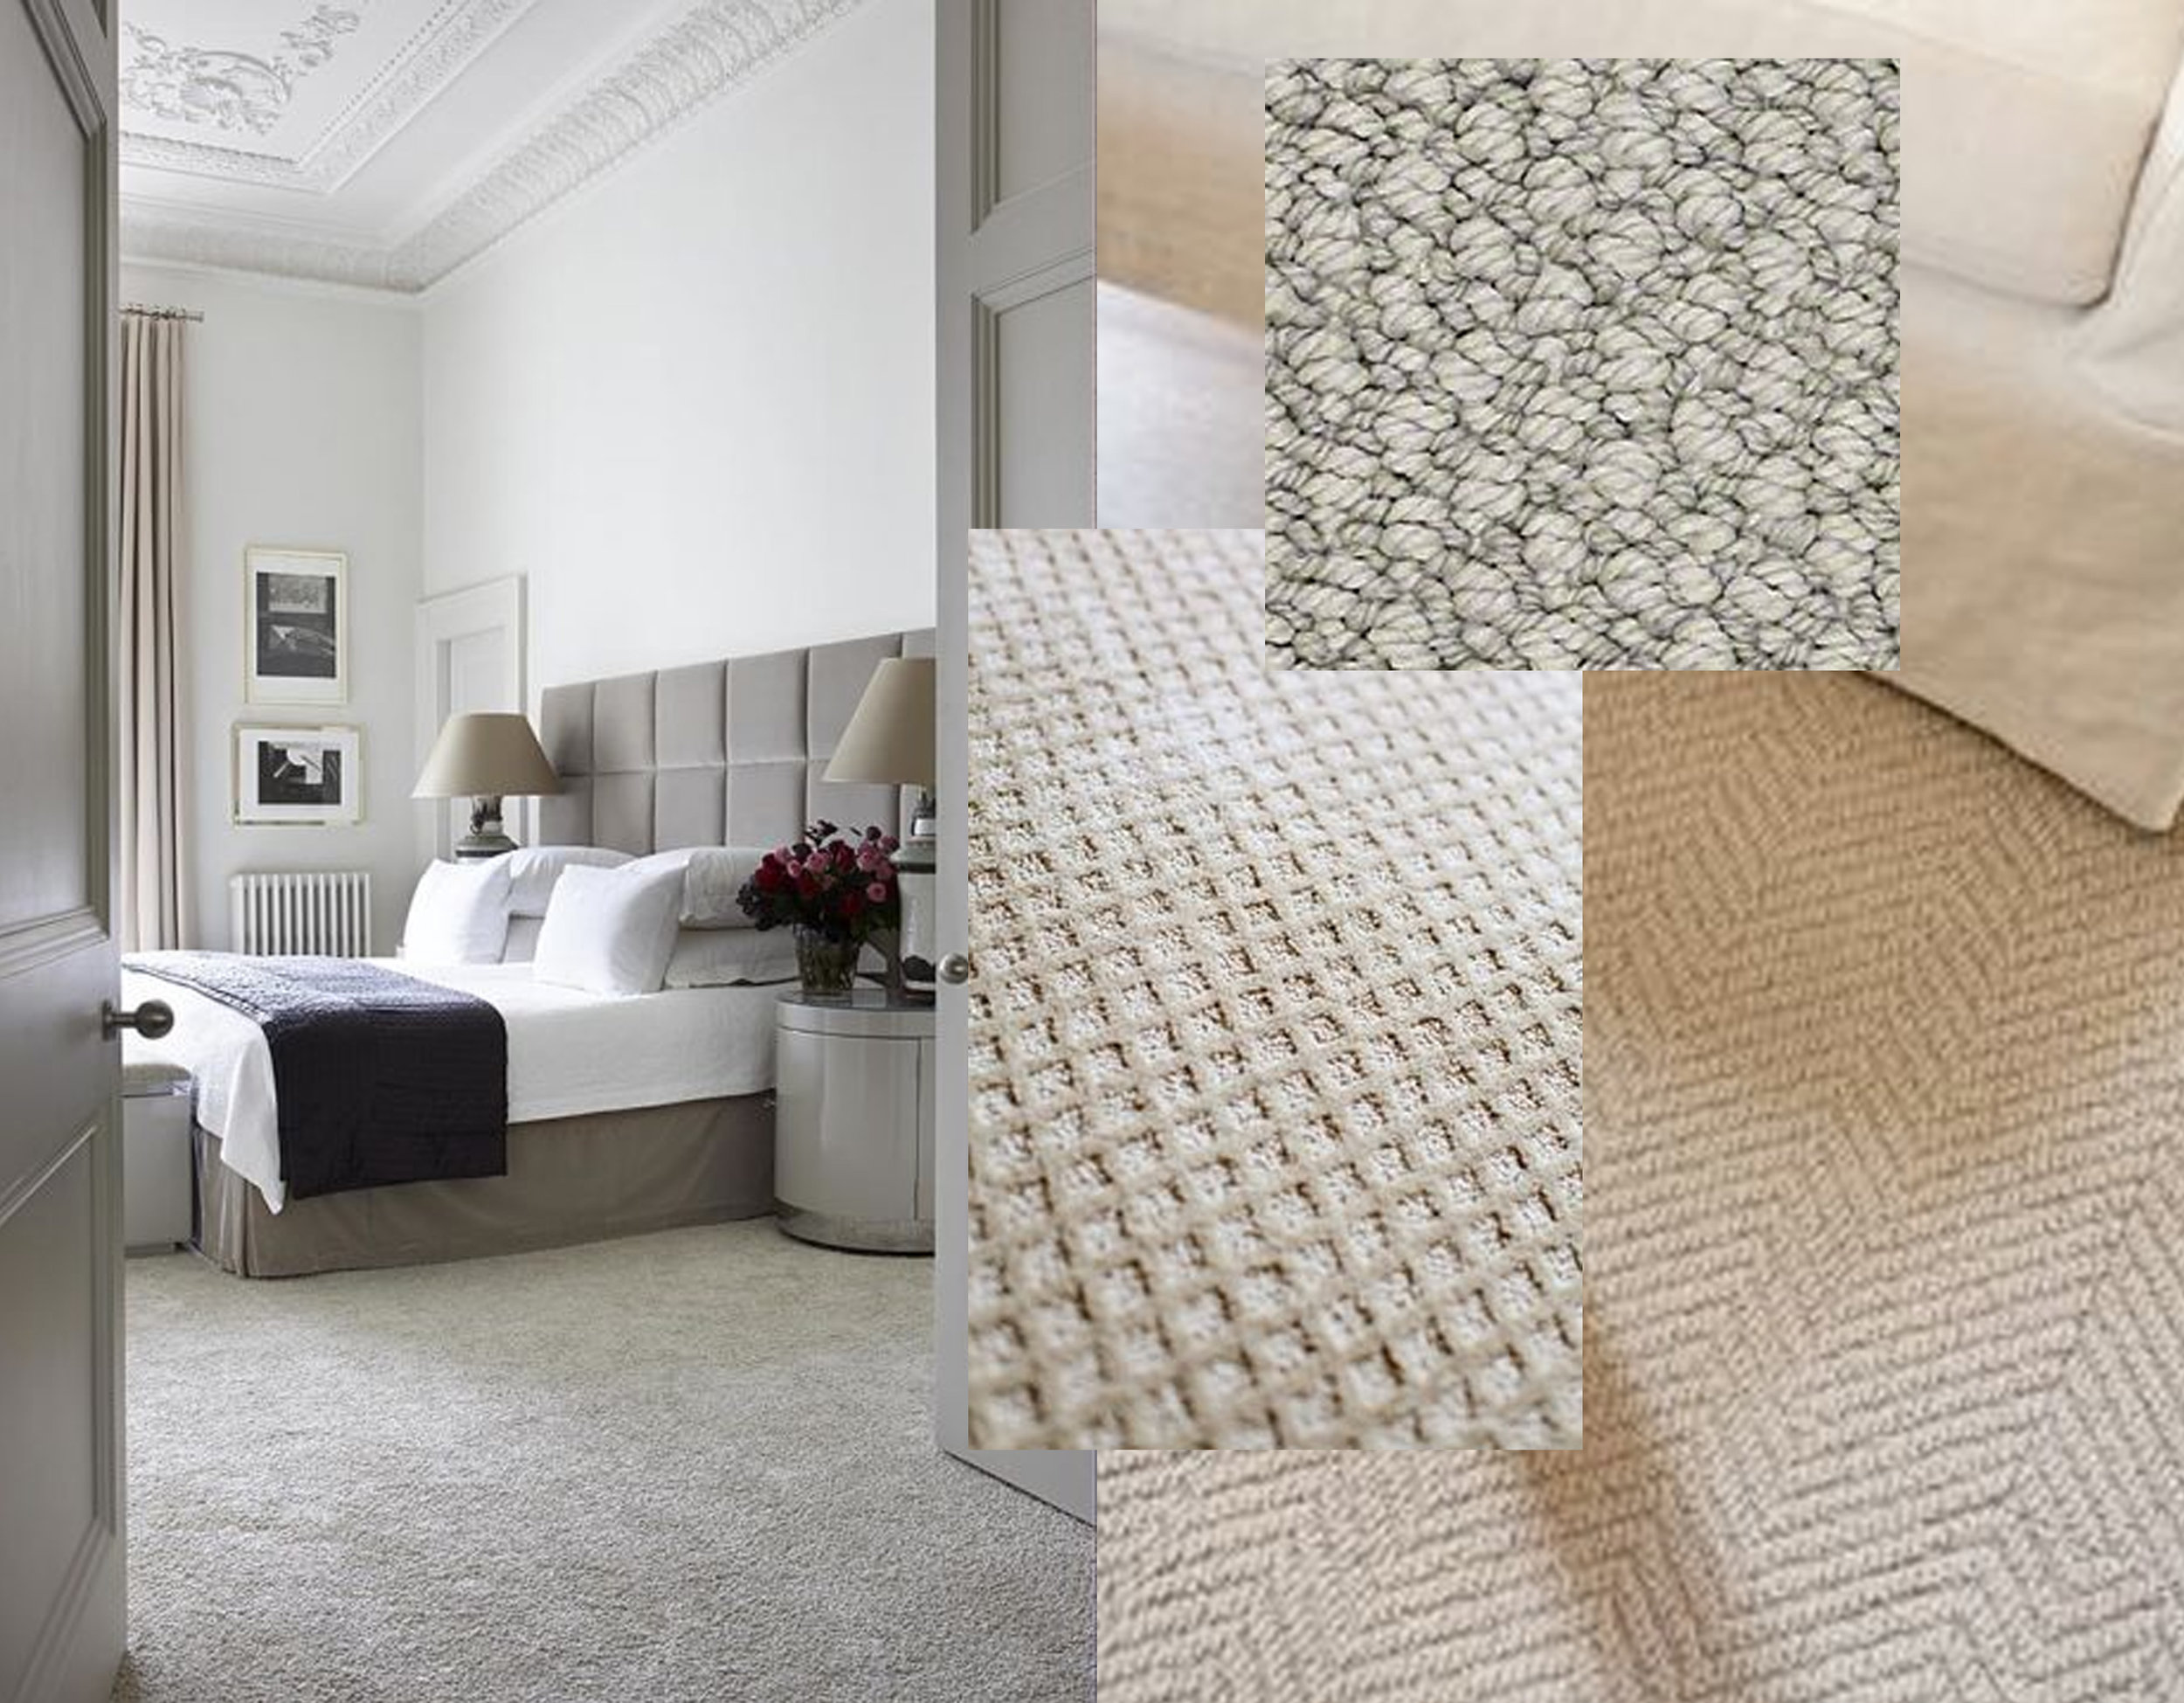 Bedroom image via  Harpers Bazaar  - herringbone carpet via  The lettered Cottage  - loop carpet sample  Shawfloors